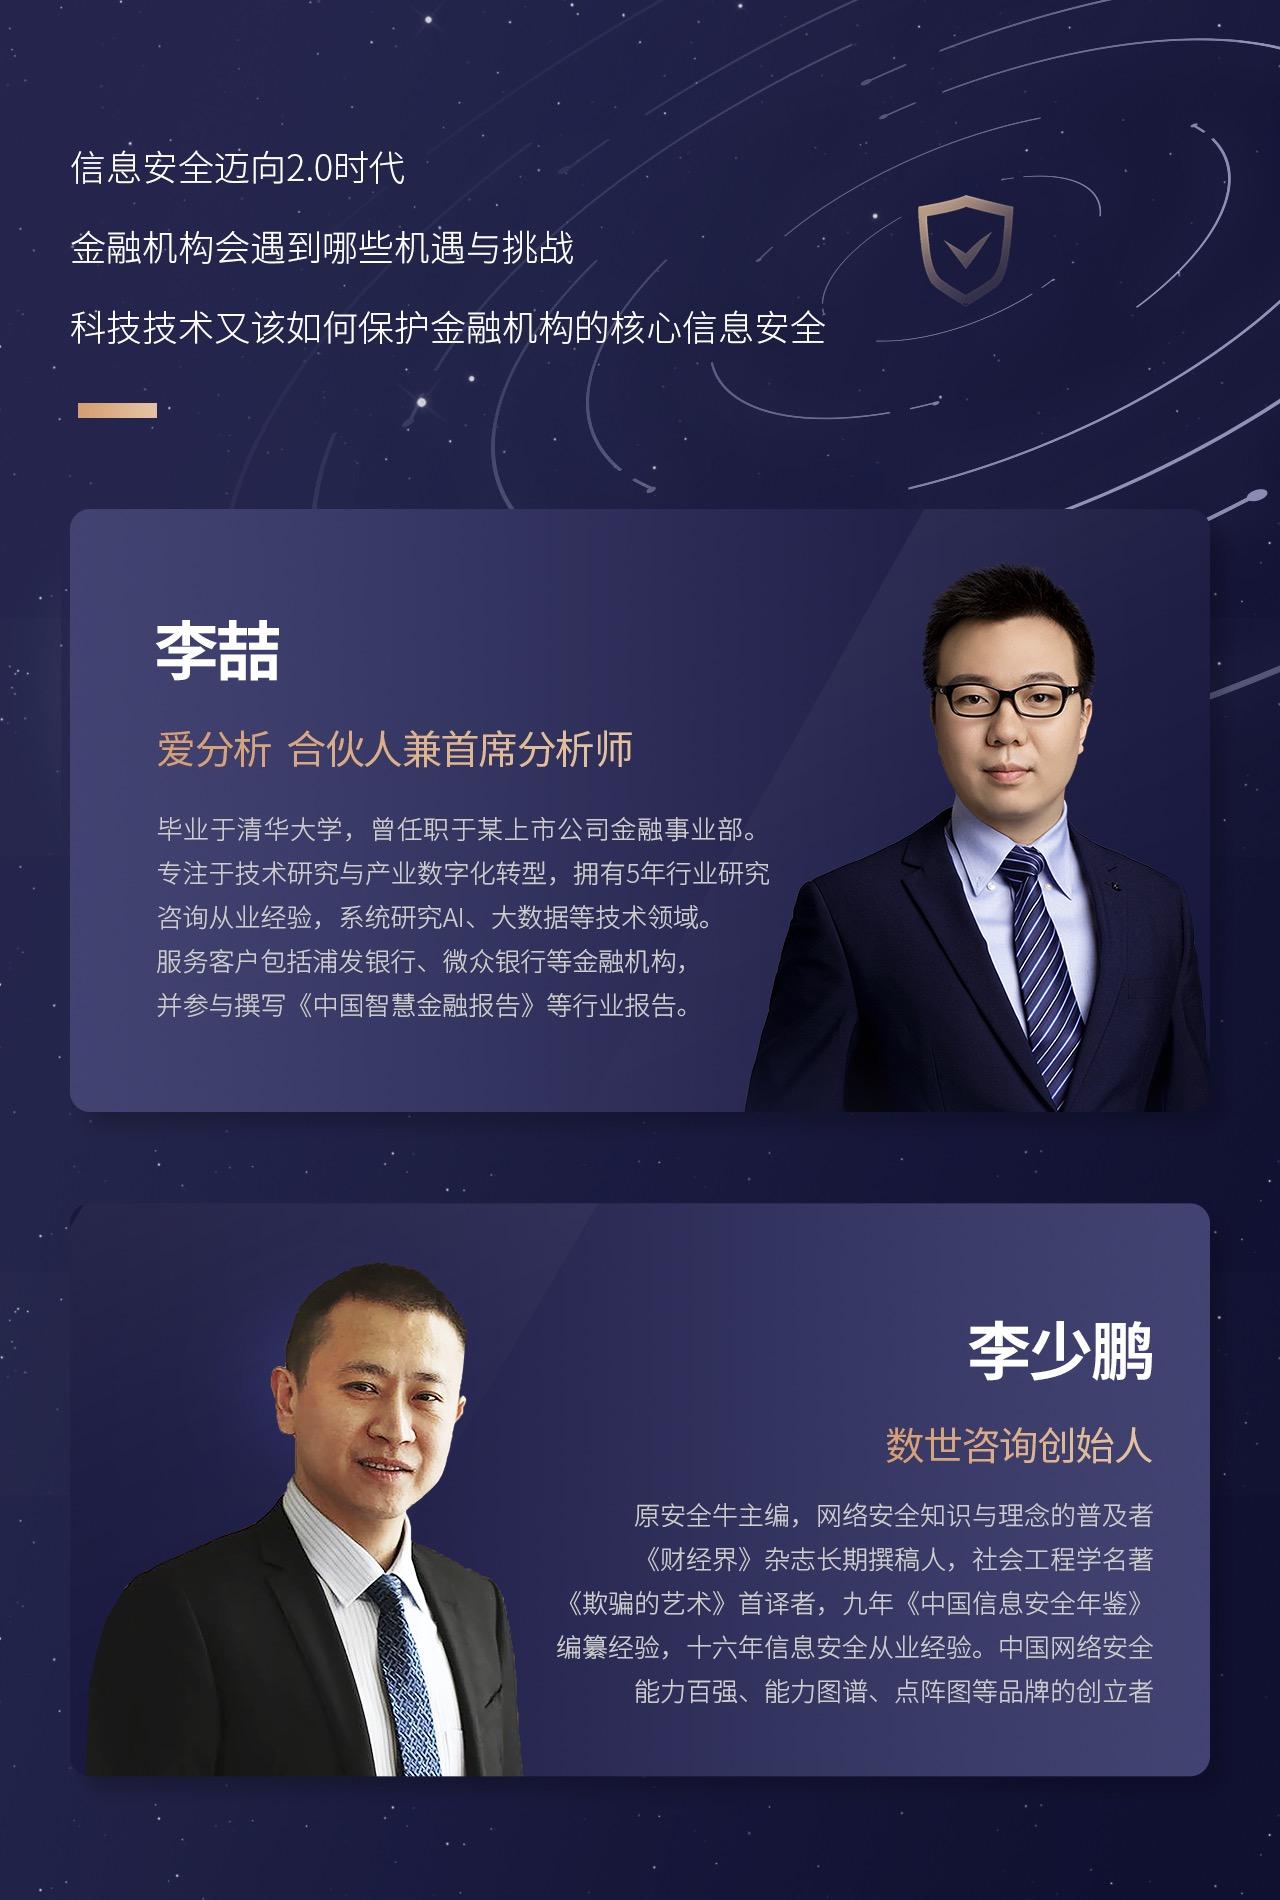 直播预告:信息安全2.0时代,金融机构的机遇与挑战 | 线上分享会-爱分析ifenxi